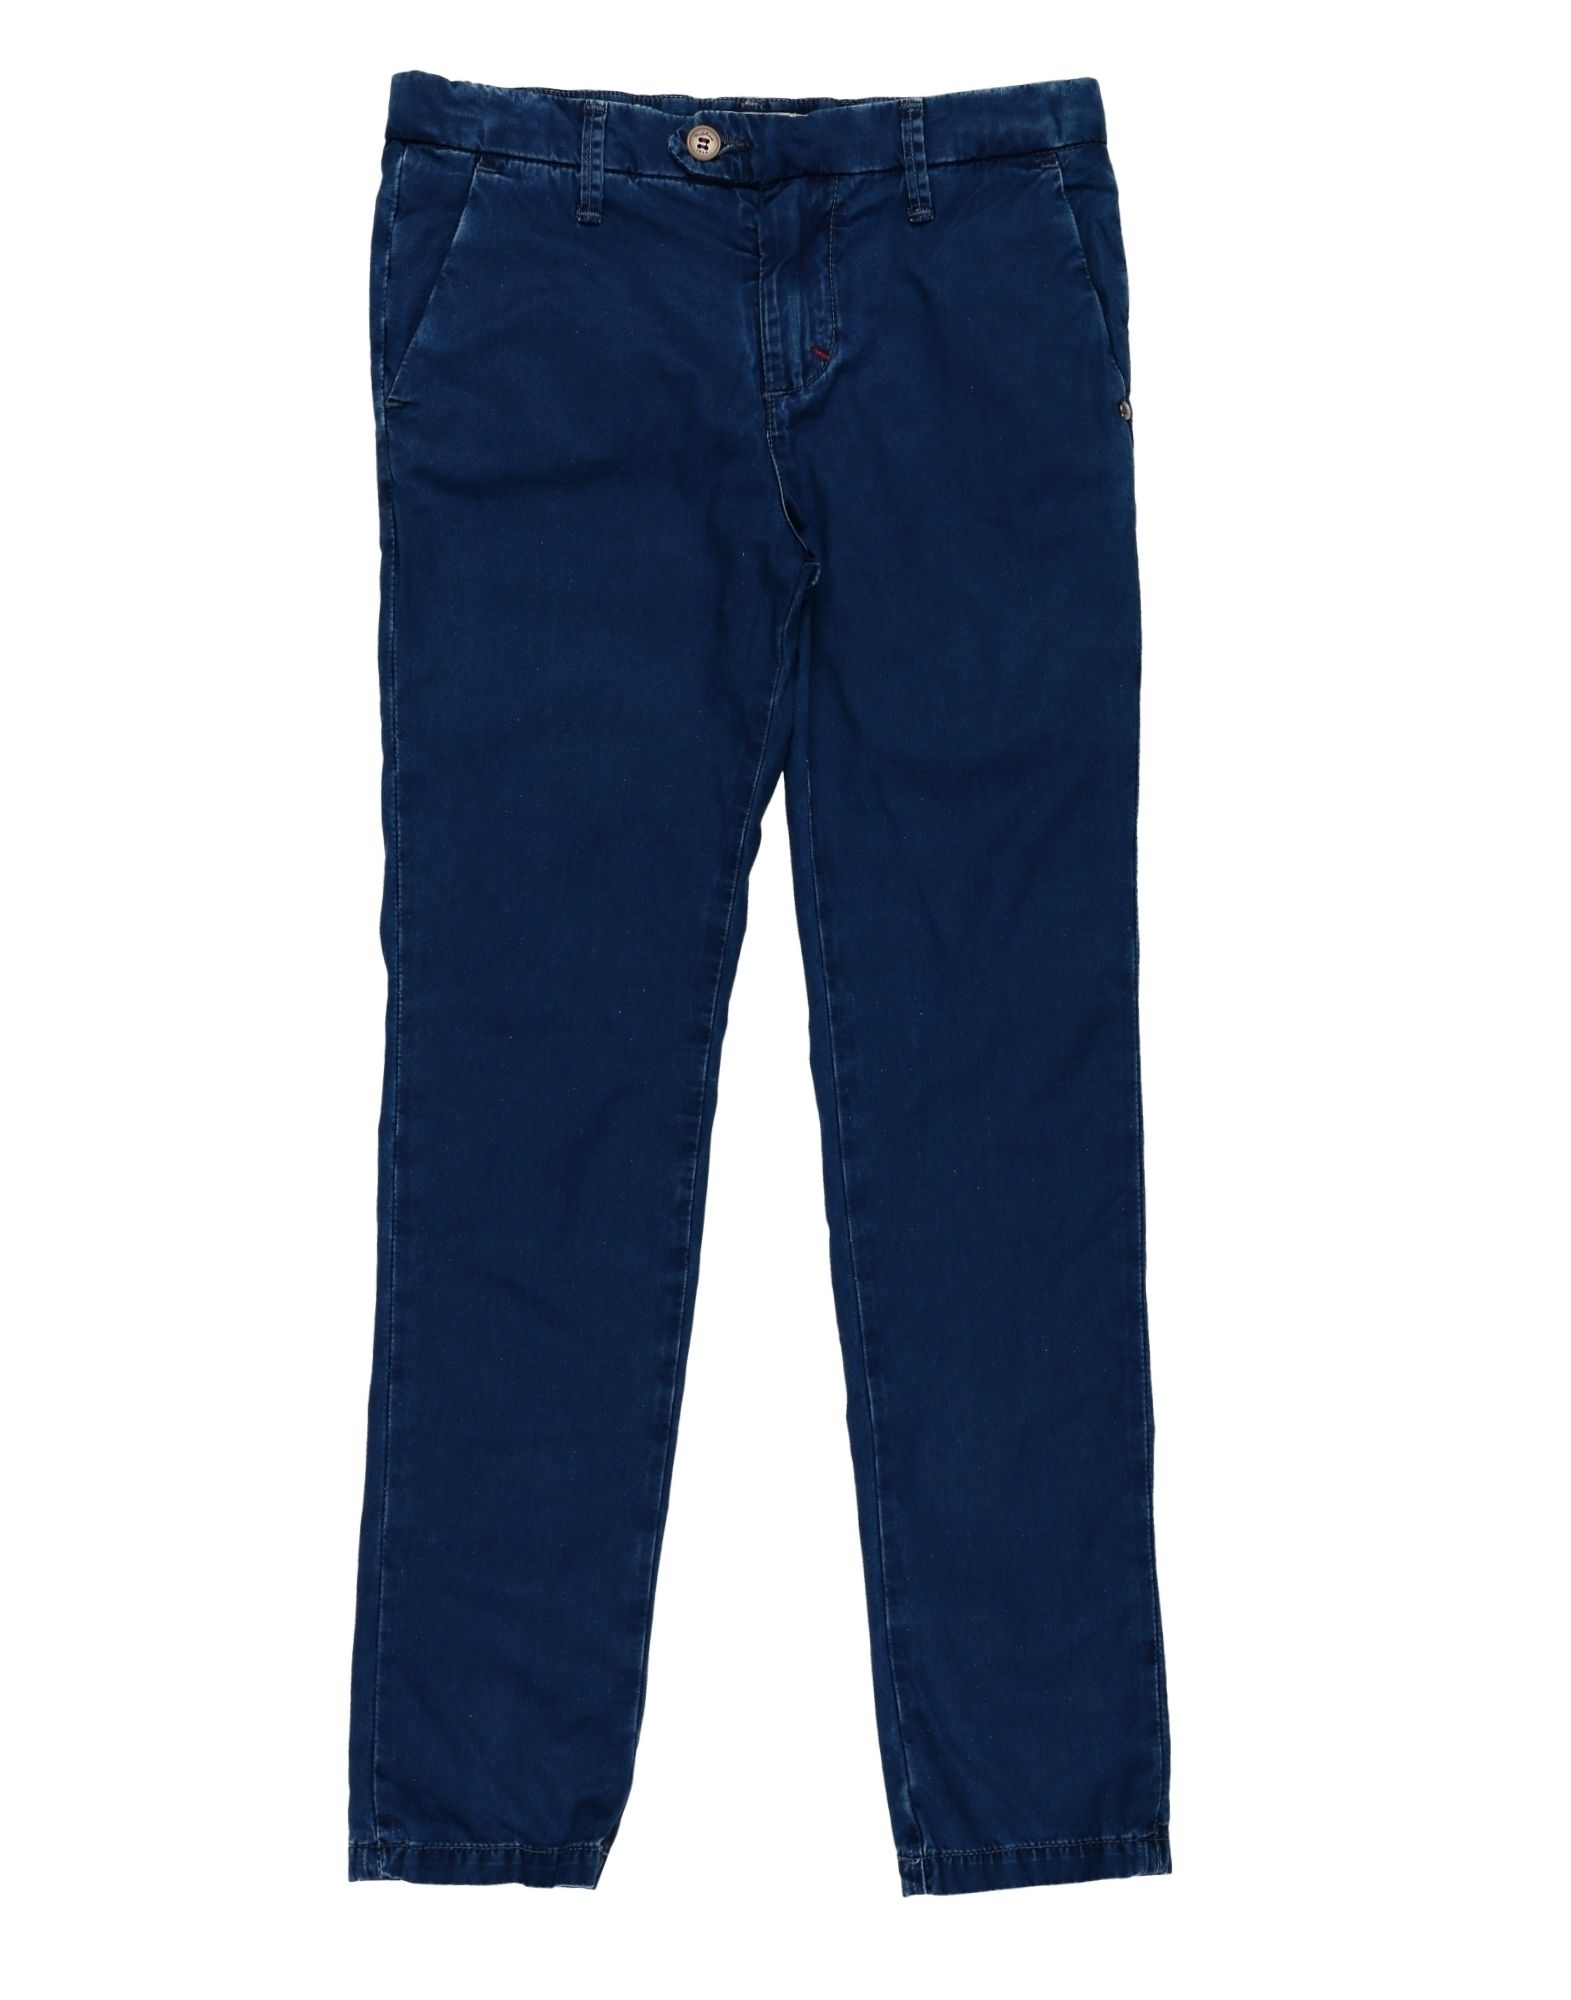 NUPKEET Джинсовые брюки брюки текстильные джинсовые для девочек 110 362011 синий деним ean 4690244736511